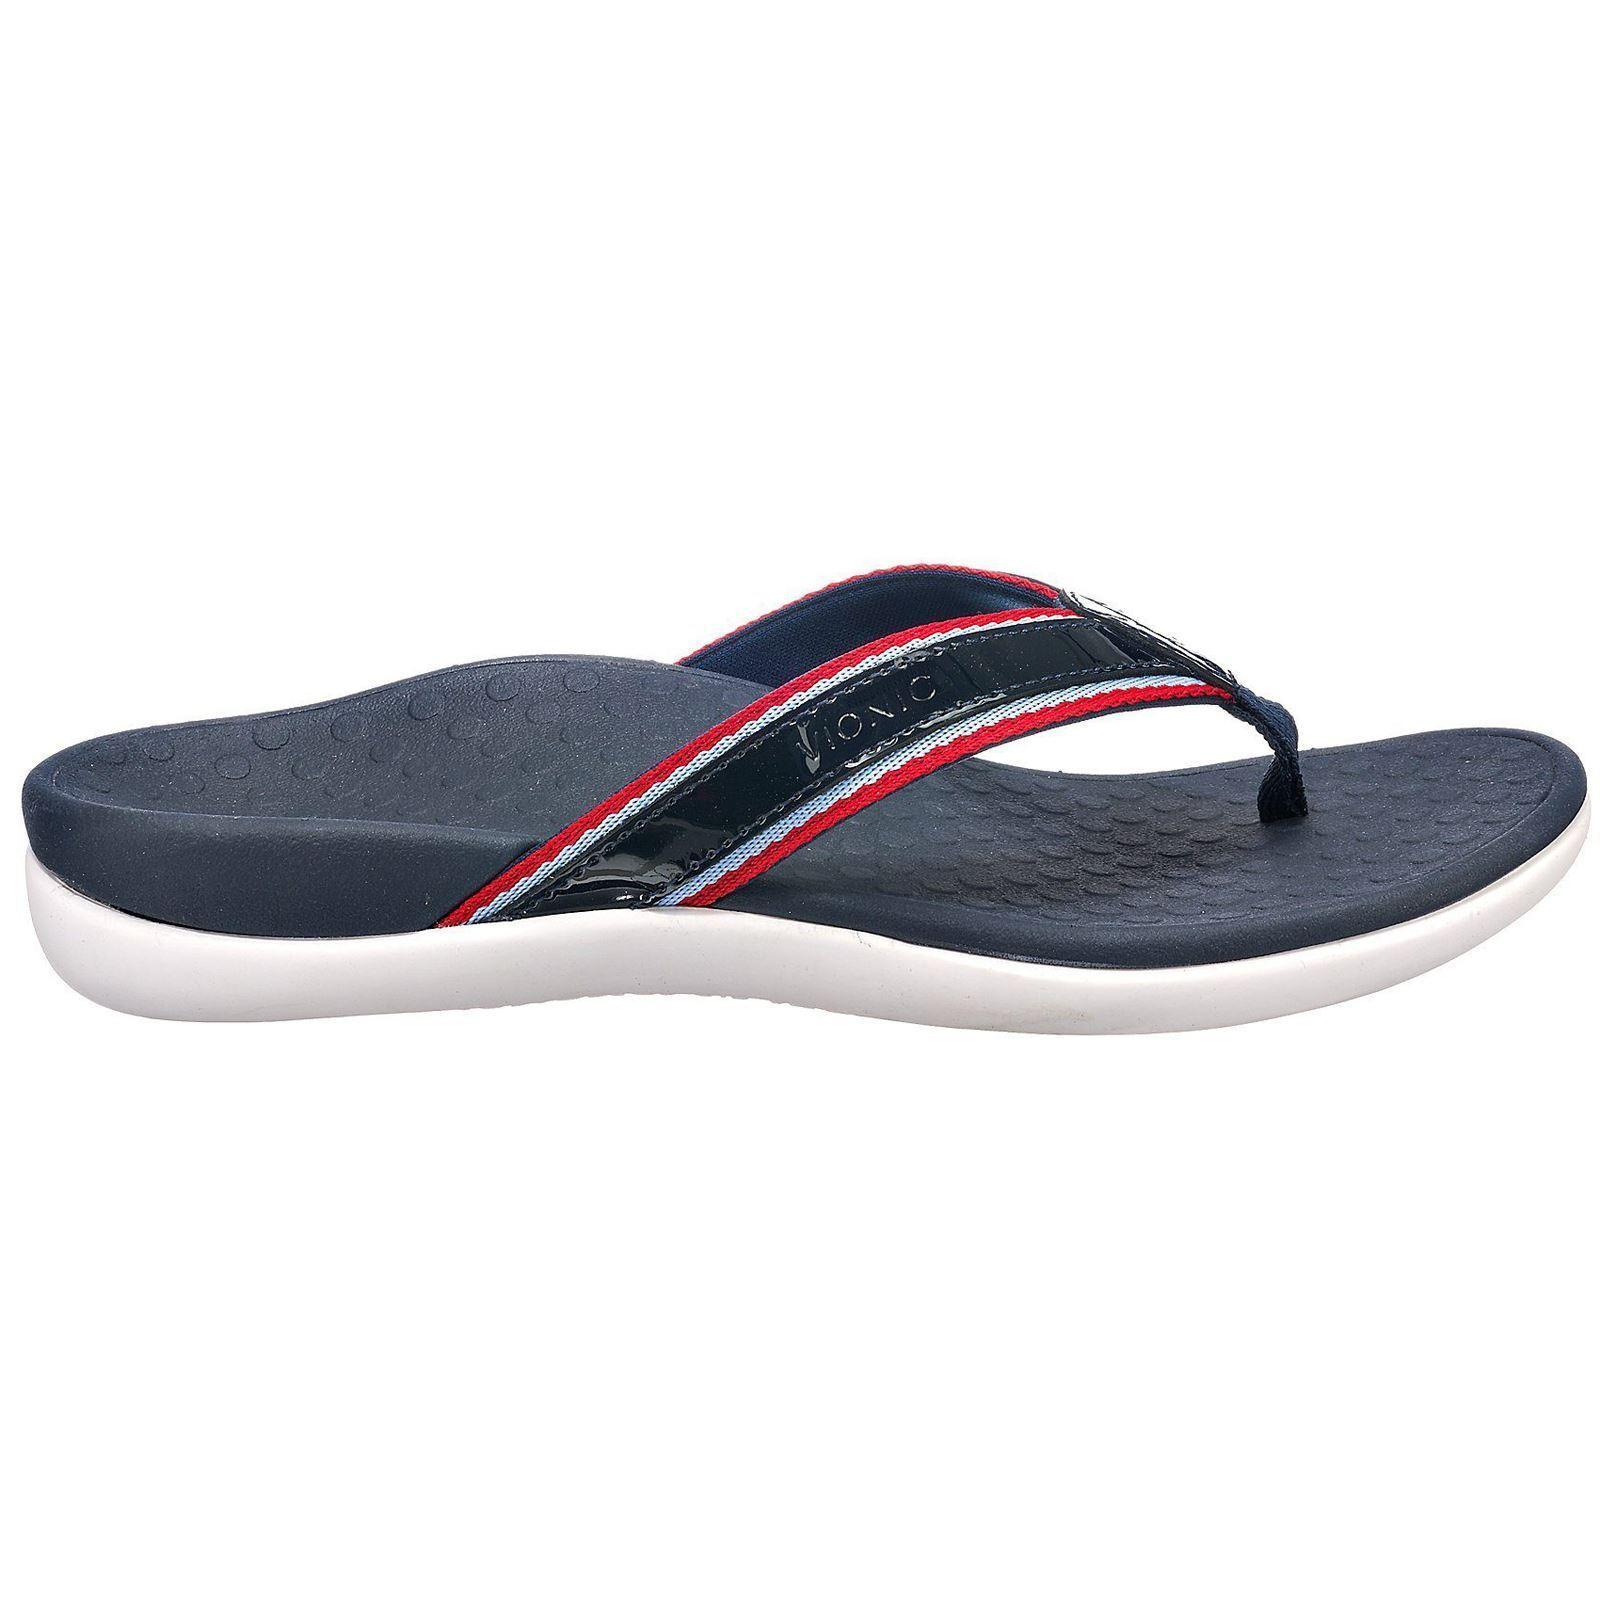 Vionic reste Islander Sport Navy femmes Sandals Comfort slides